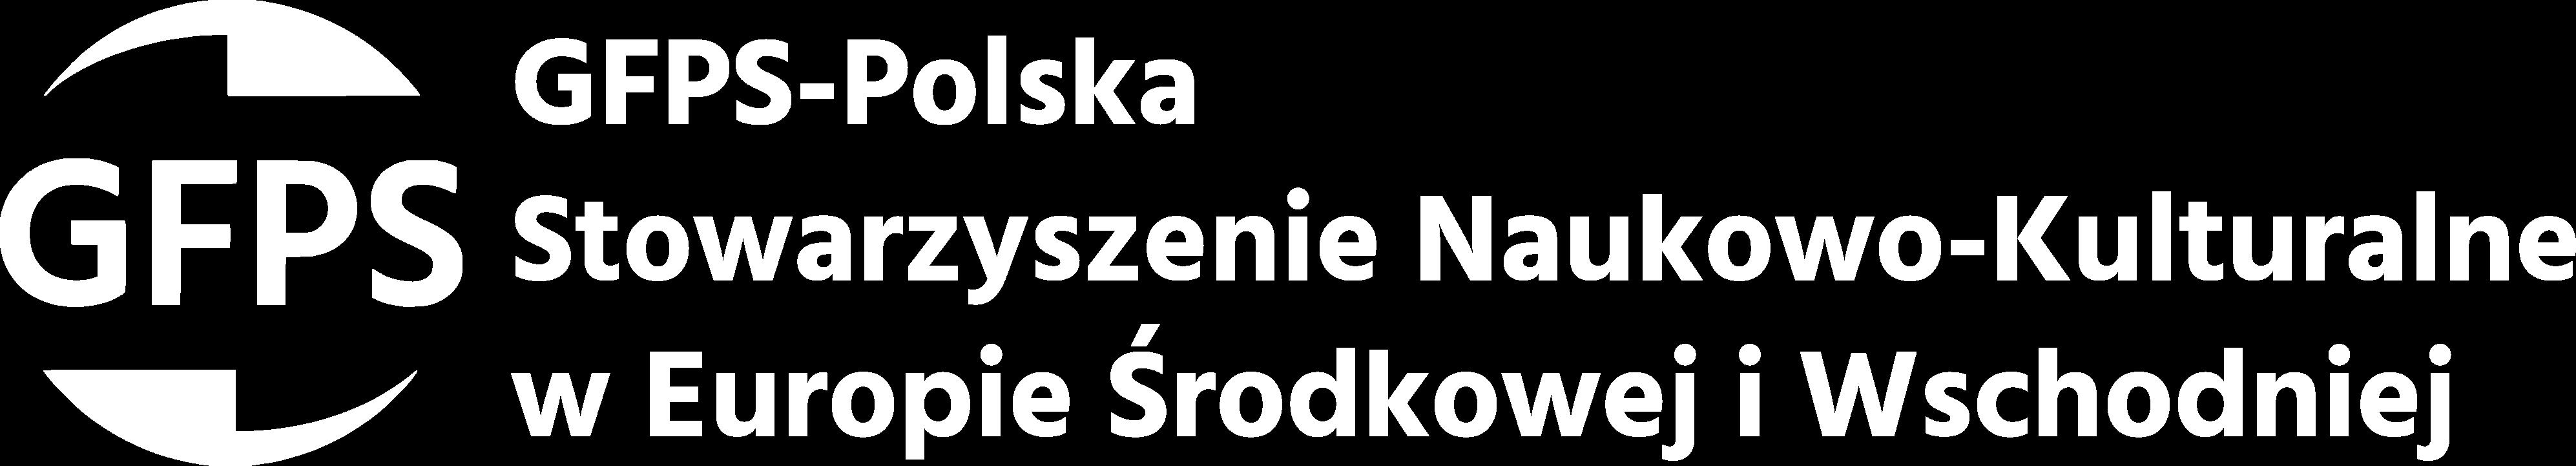 GFPS-Polska